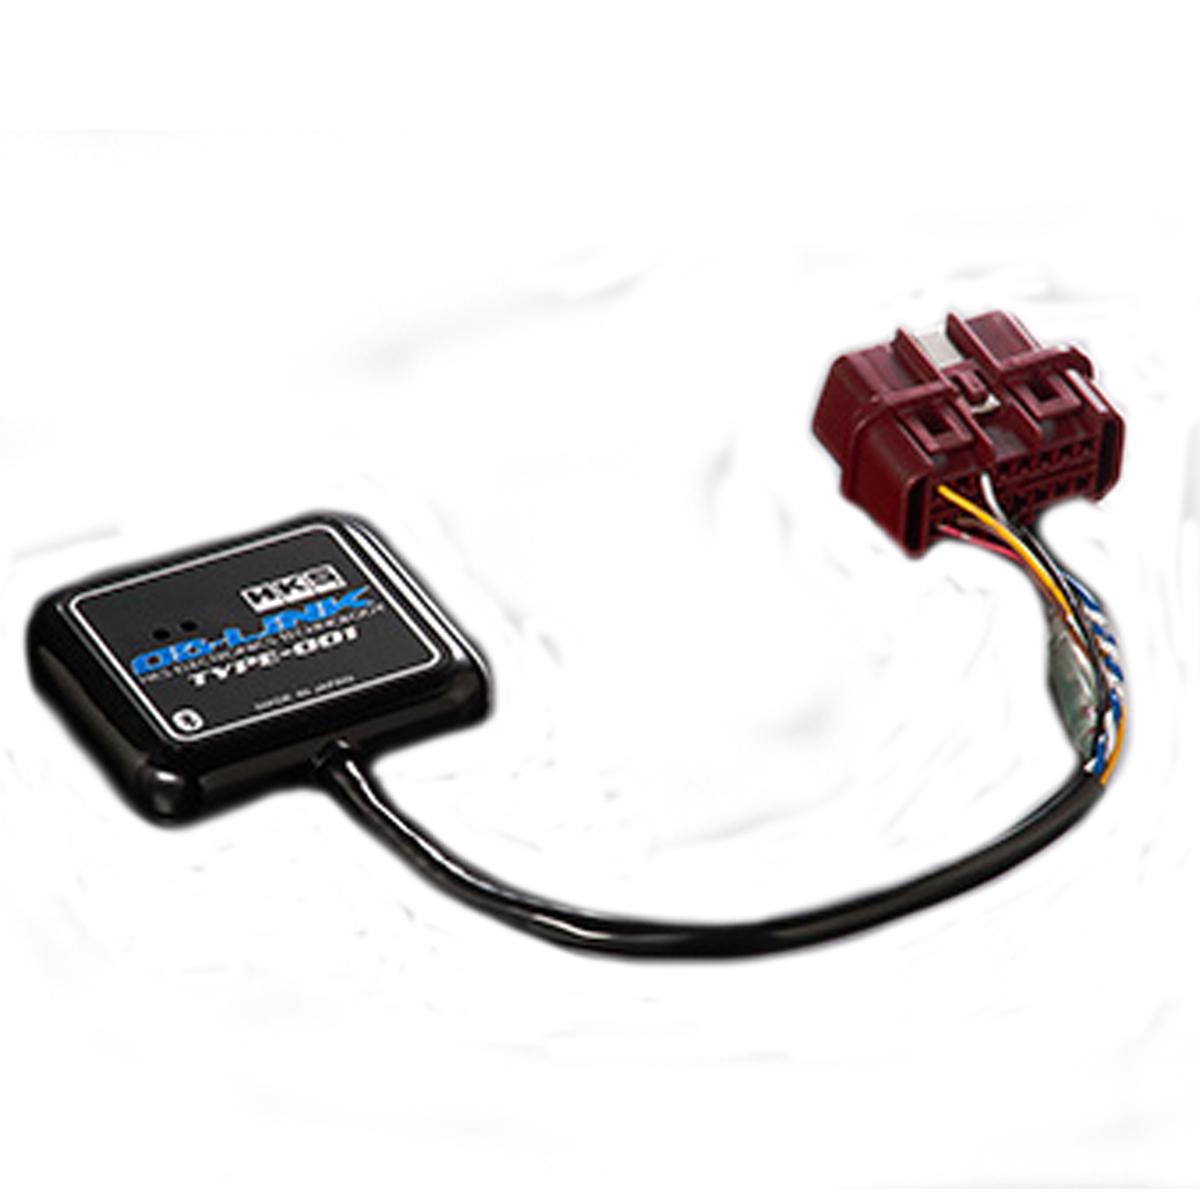 プリメーラ モニター OBリンク タイプ 001 TP12 HKS 44009-AK002 エレクトリニクス